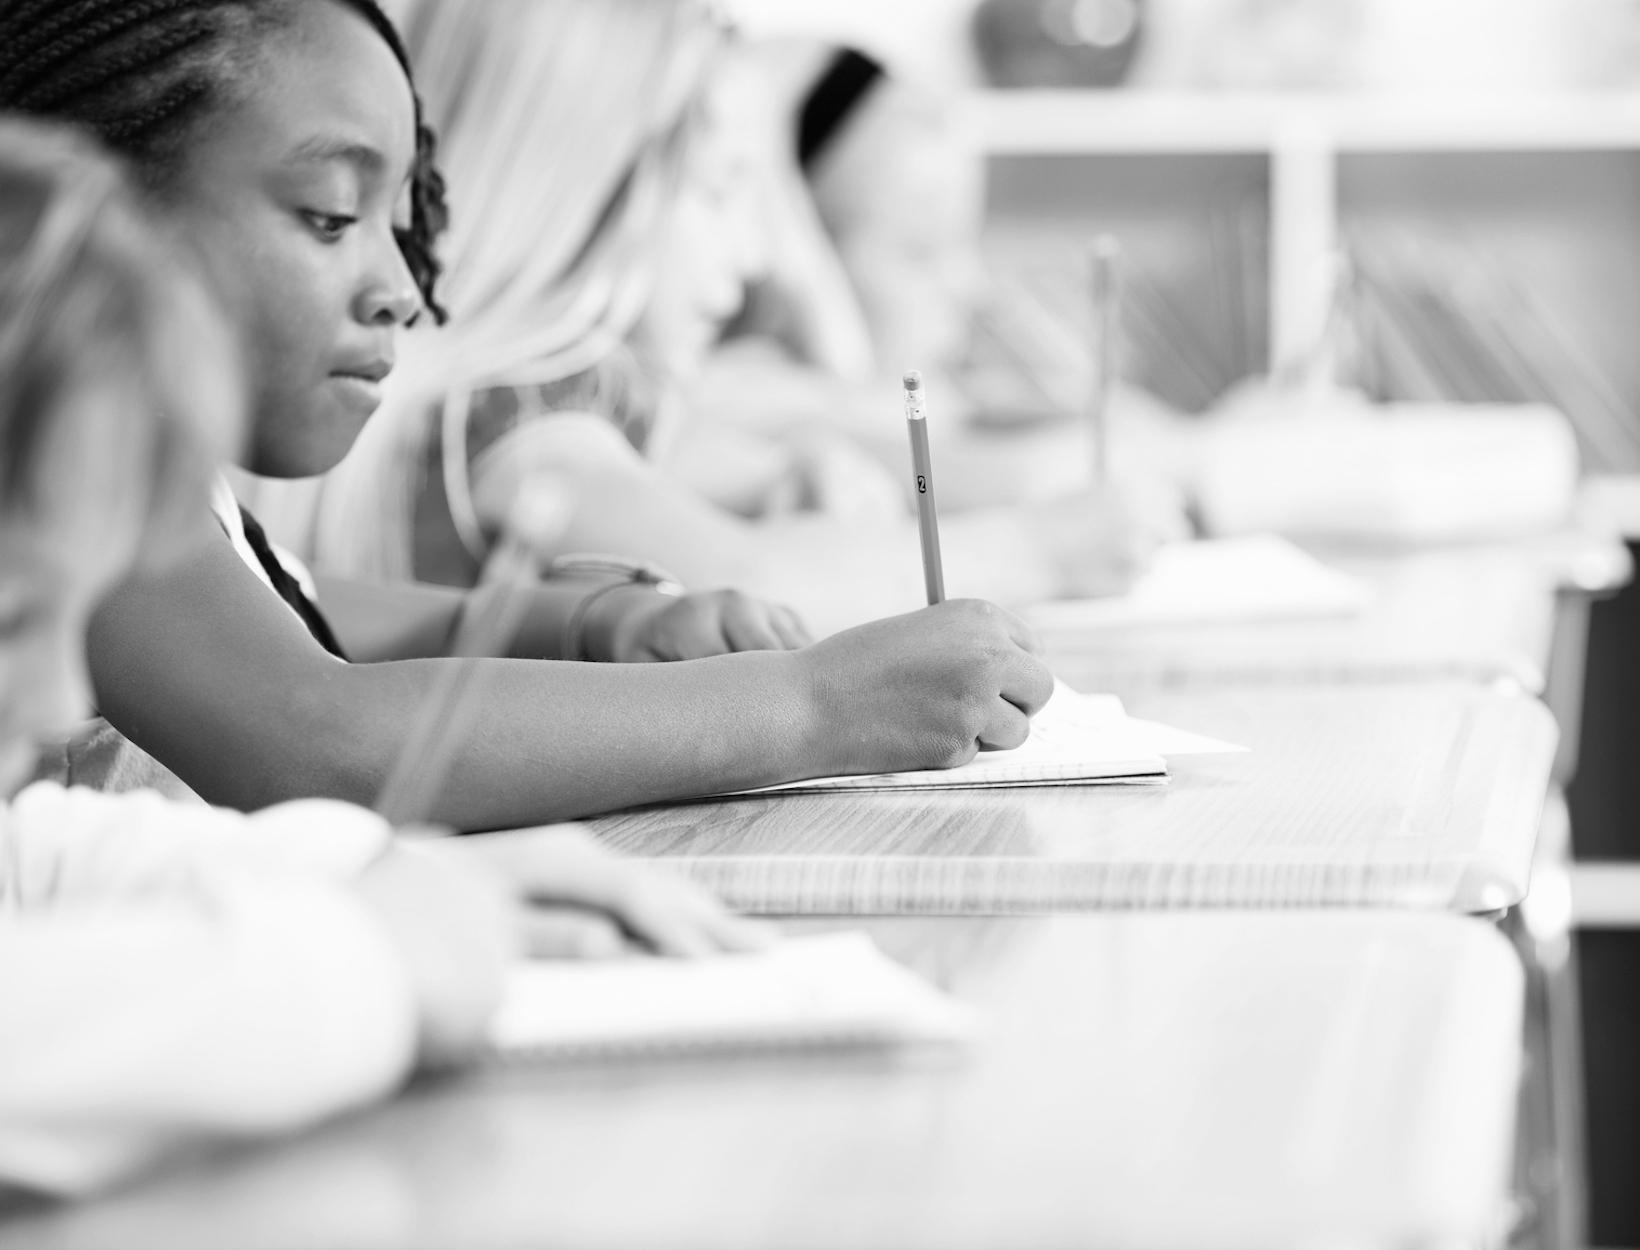 Devra Davis on the Risks of Using WiFi in Schools | Goop